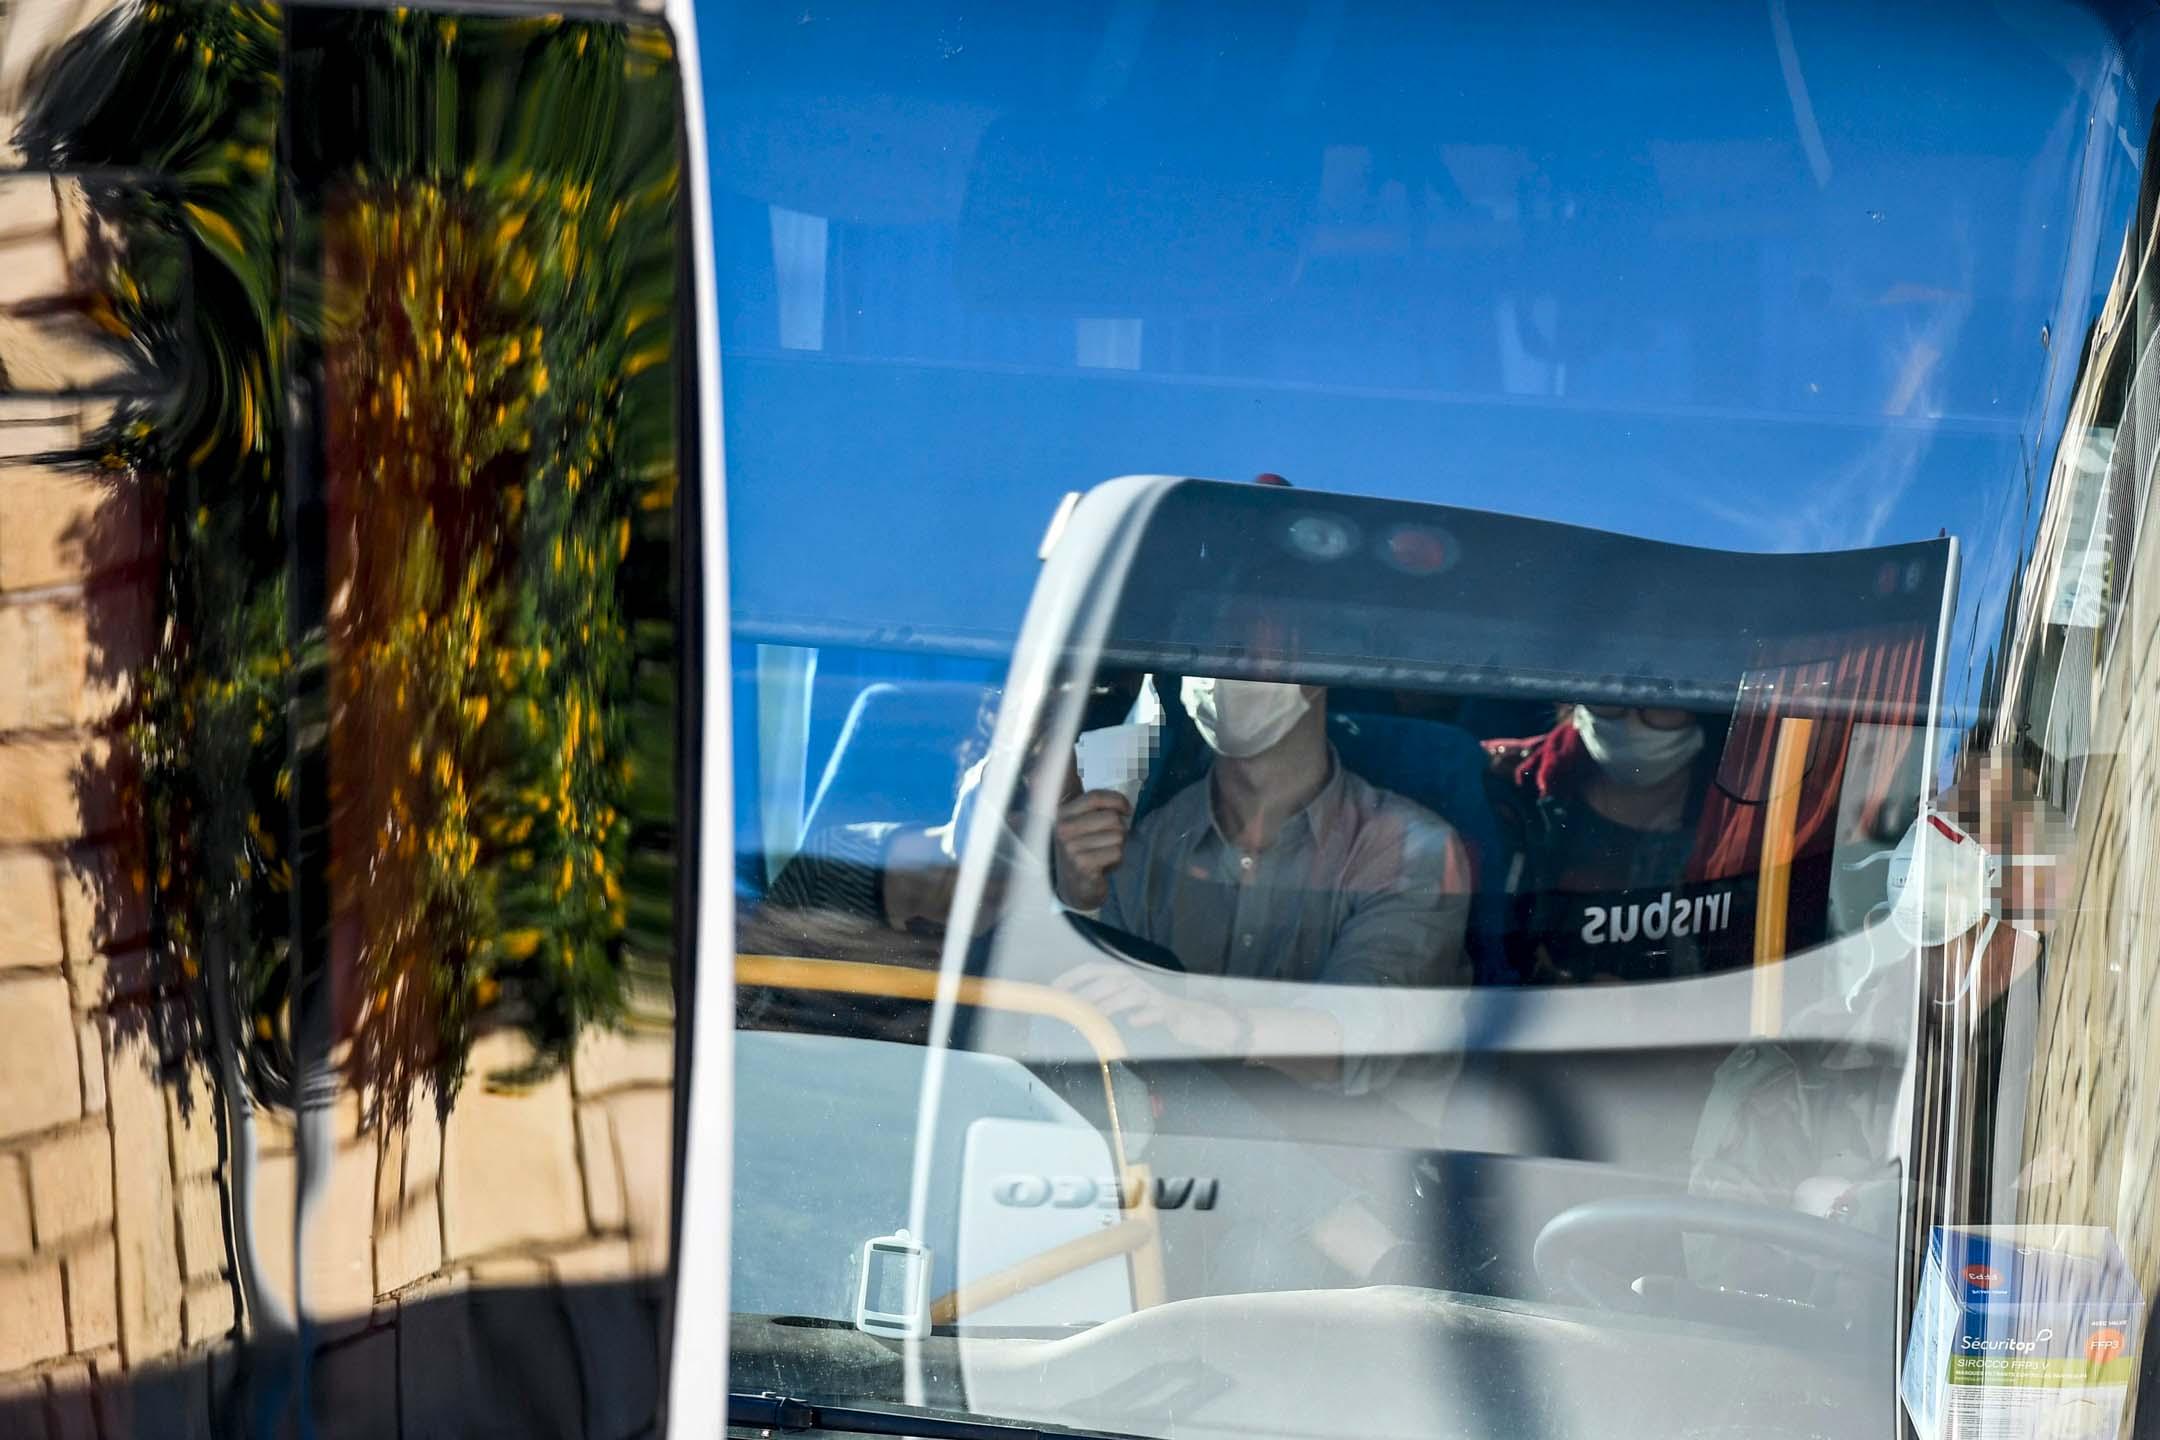 2020年1月31日,一輛載有法國公民的車輛從中國武漢撤離後到達法國。